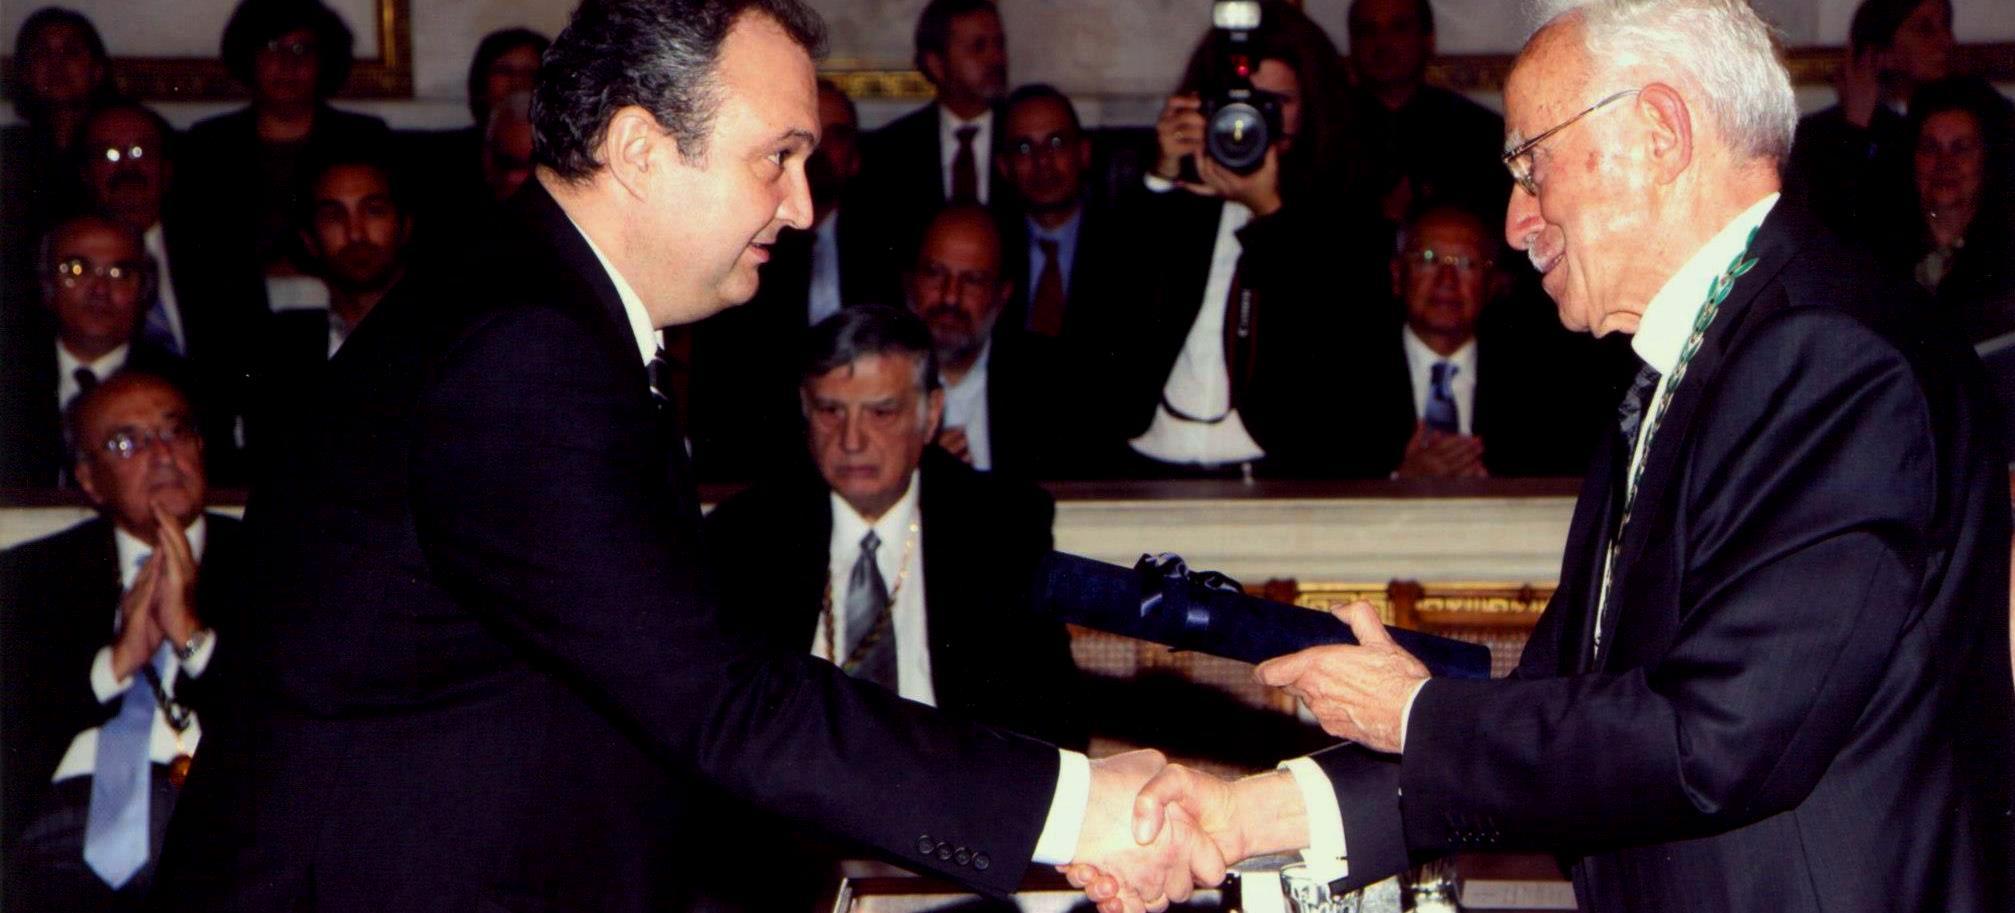 Βραβείο Ακαδημίας Αθηνών 2012